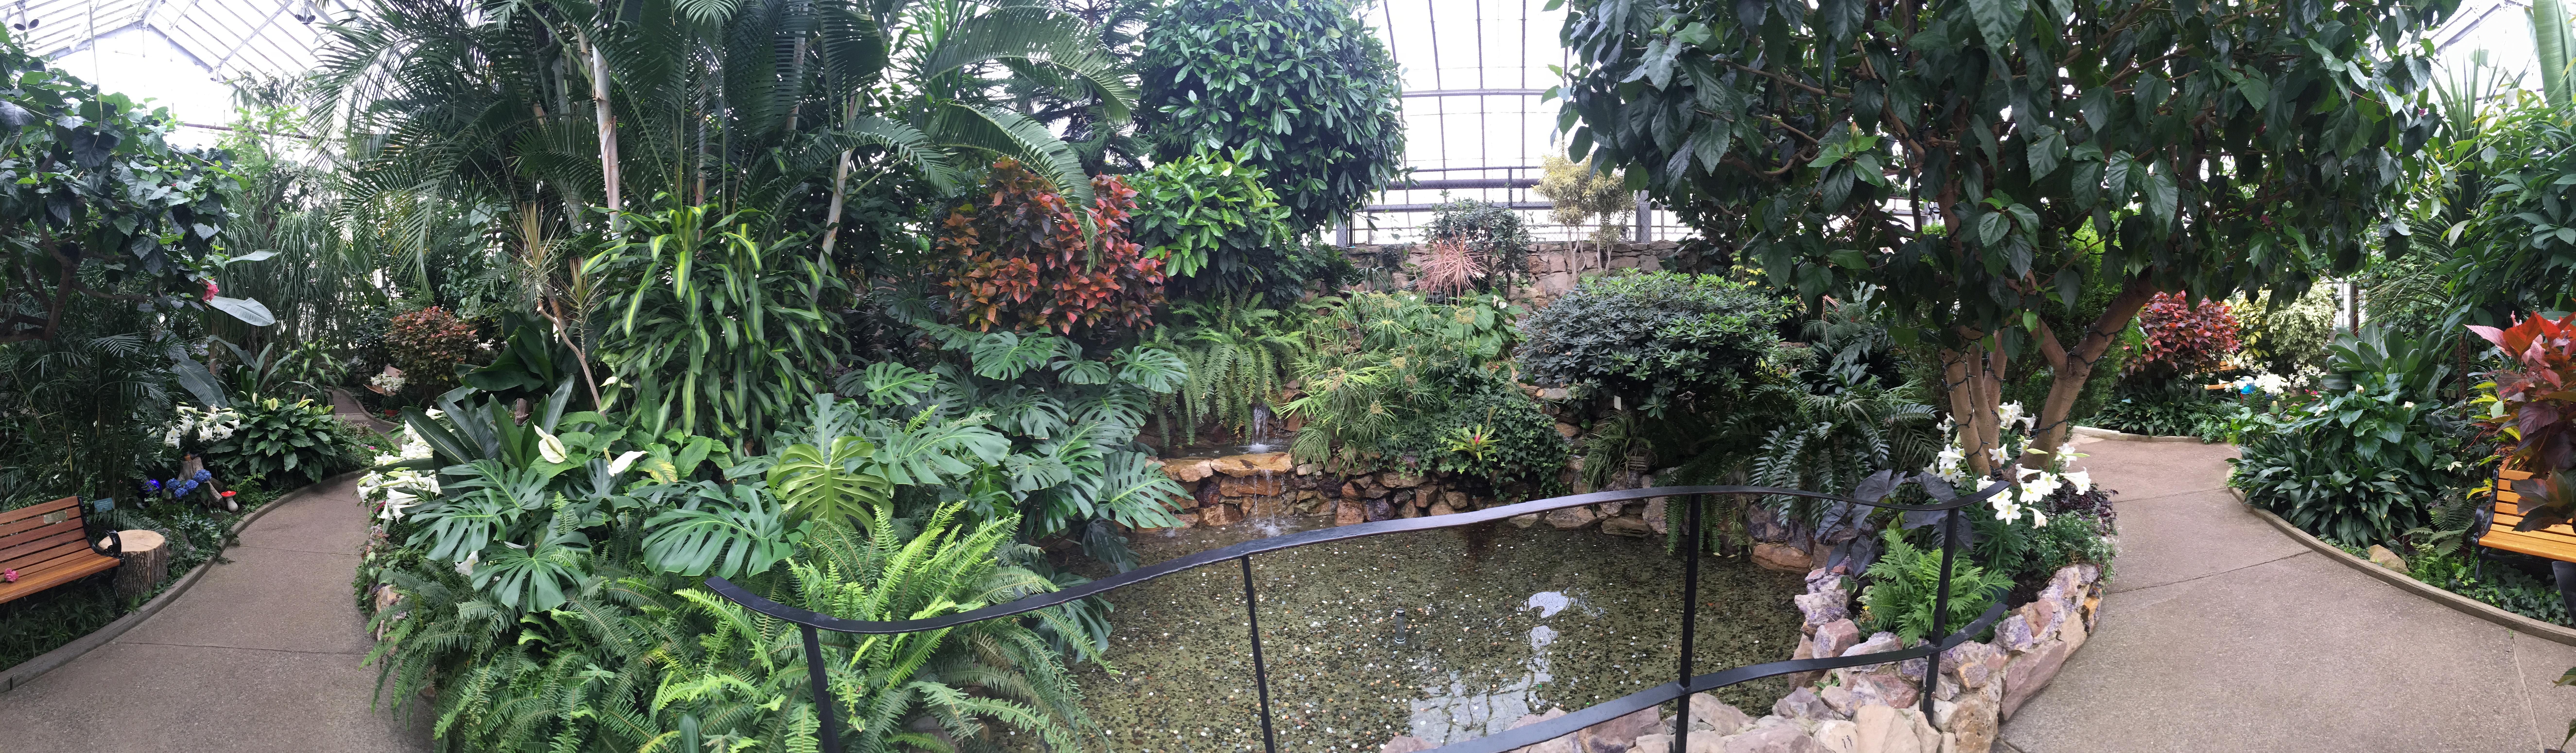 Thunder Bay's Botanical Conservatory